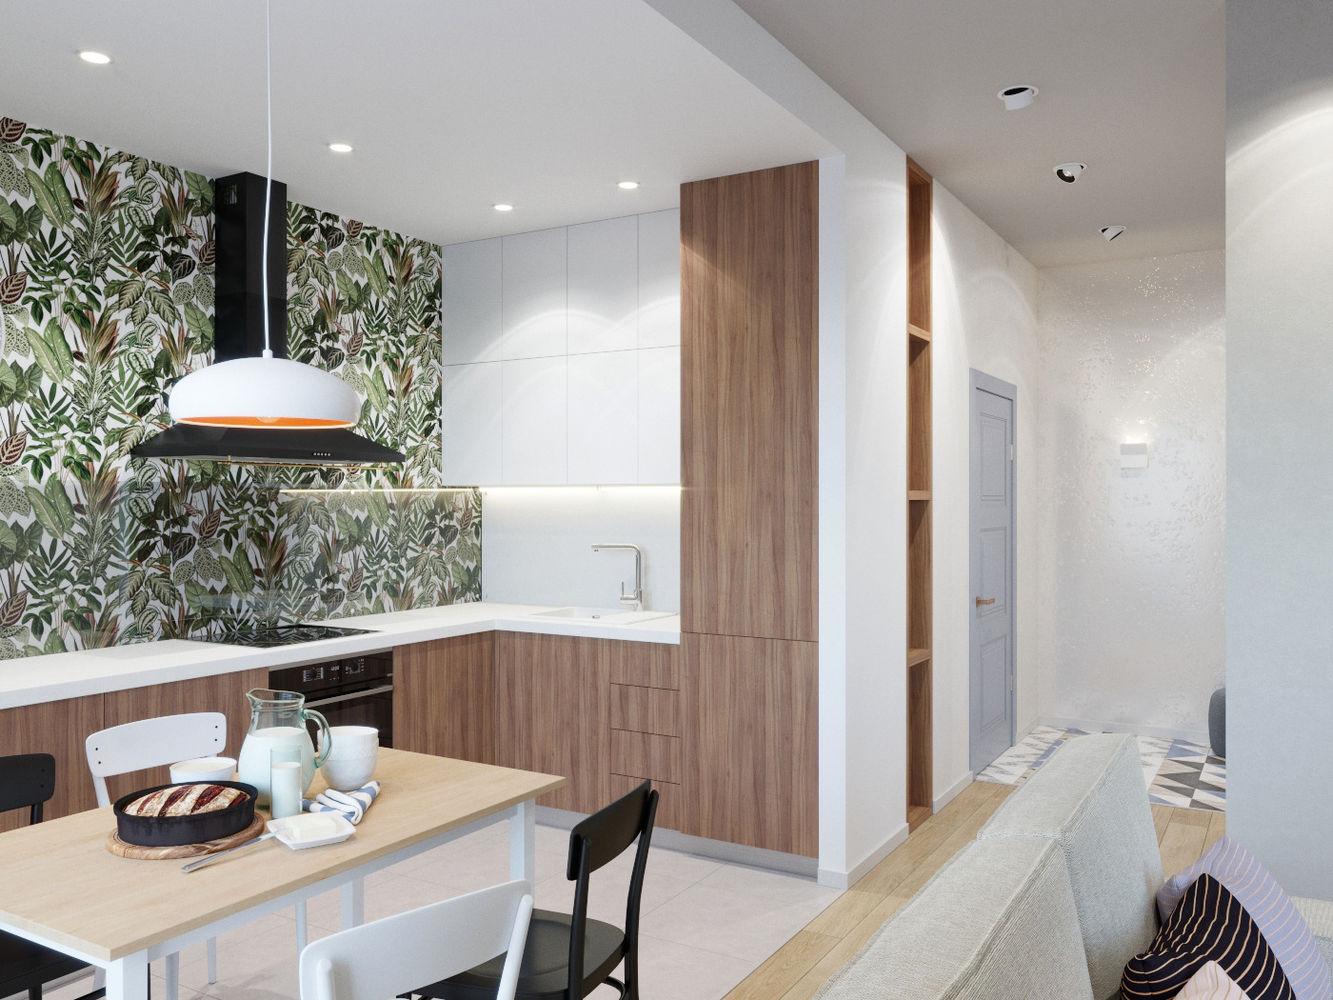 Проект квартиры 46м2